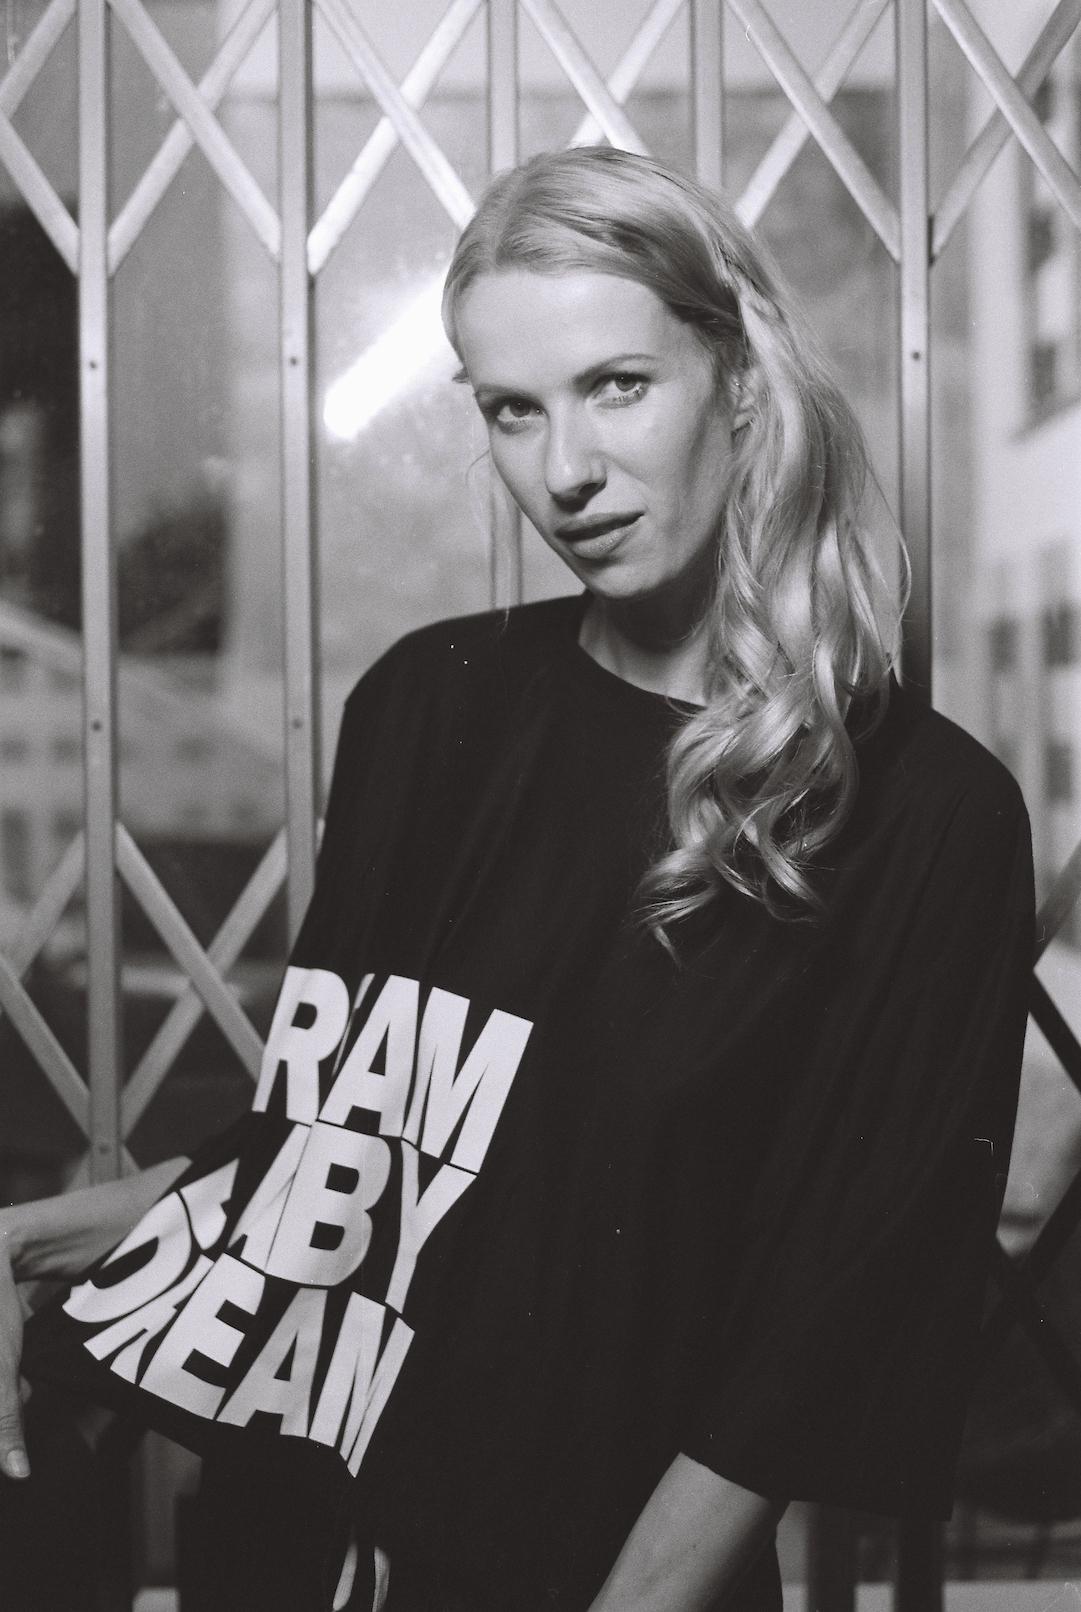 photoshoot for dream baby dream bar by keyistudio for keyimagazine by Grzegorz Bacinski and Izabella Chrobok